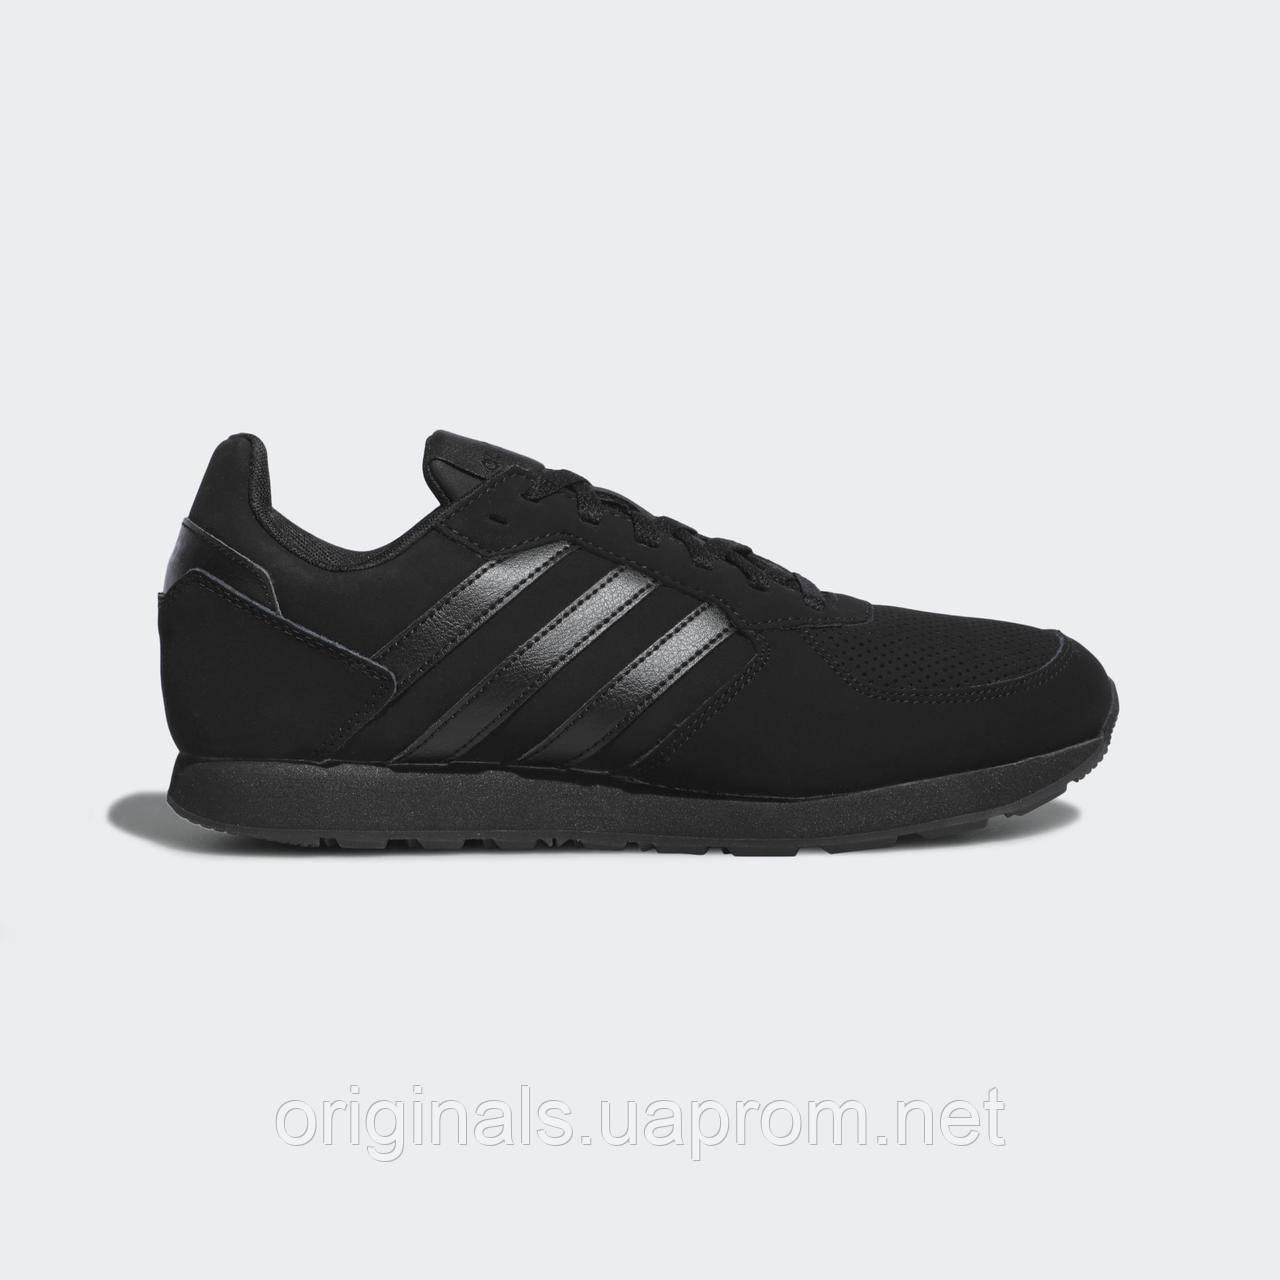 Мужские кроссовки Adidas 8K F36889